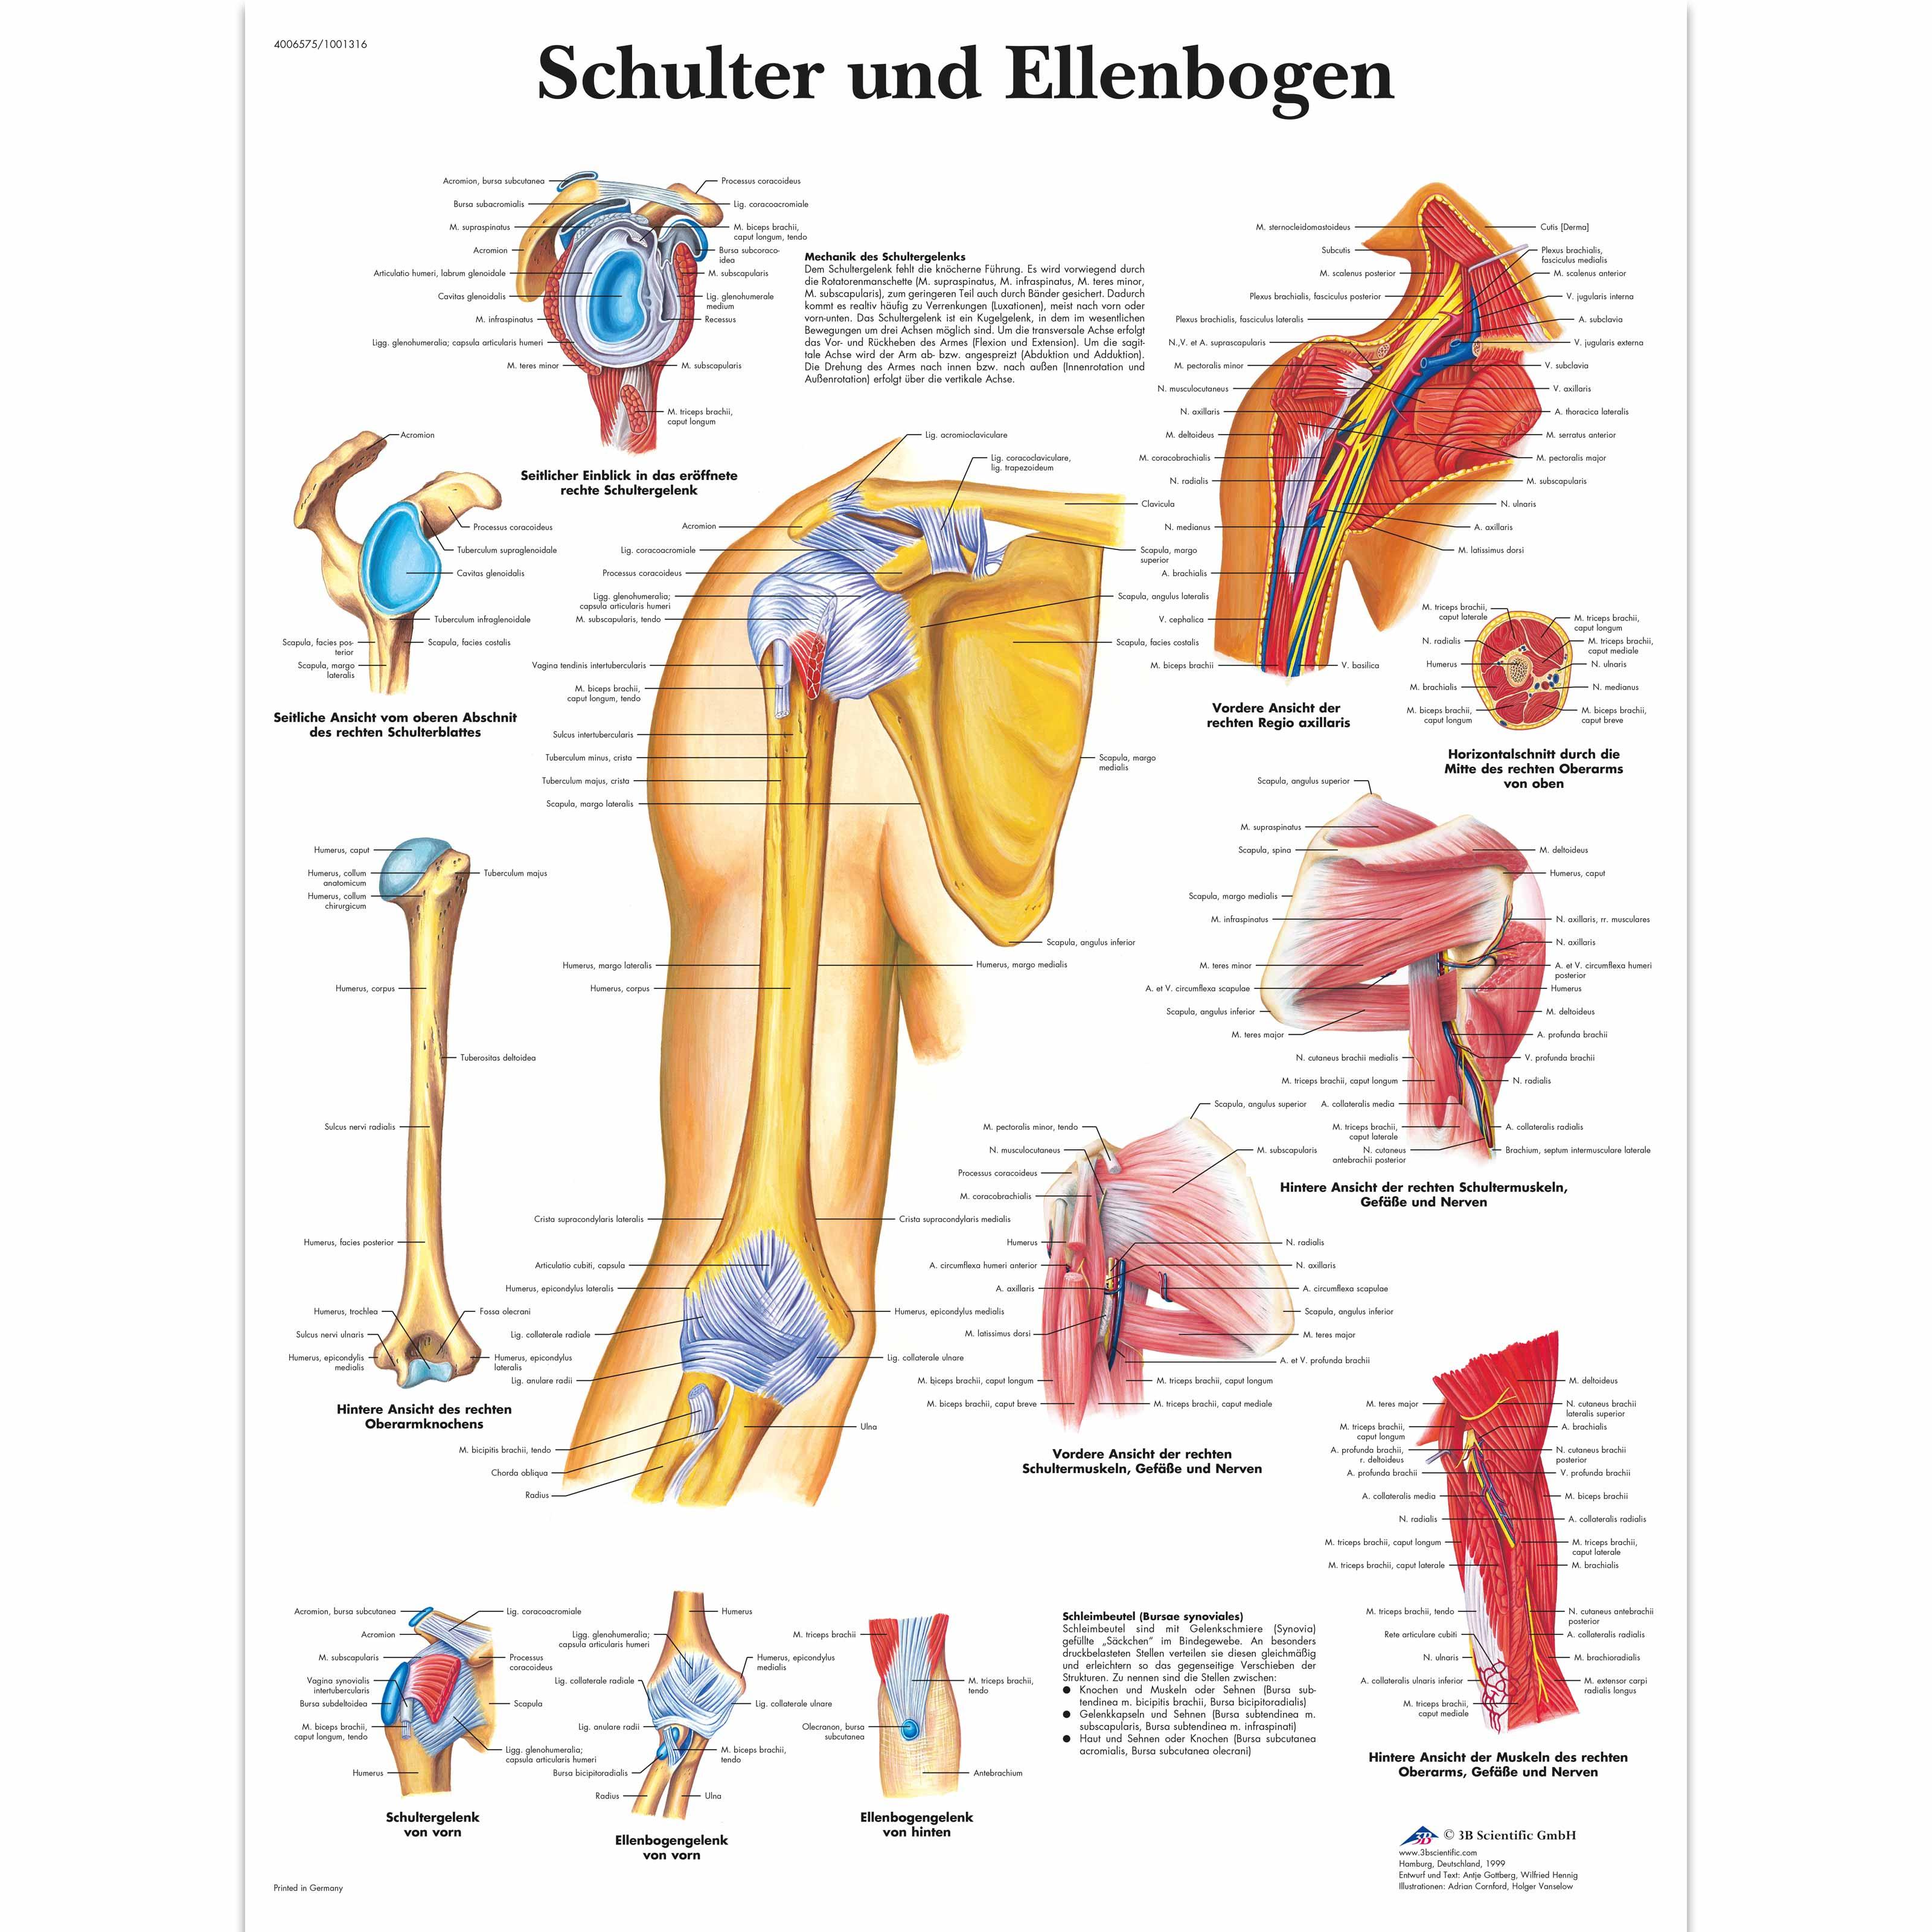 Berühmt Menschliche Schulter Galerie - Menschliche Anatomie Bilder ...